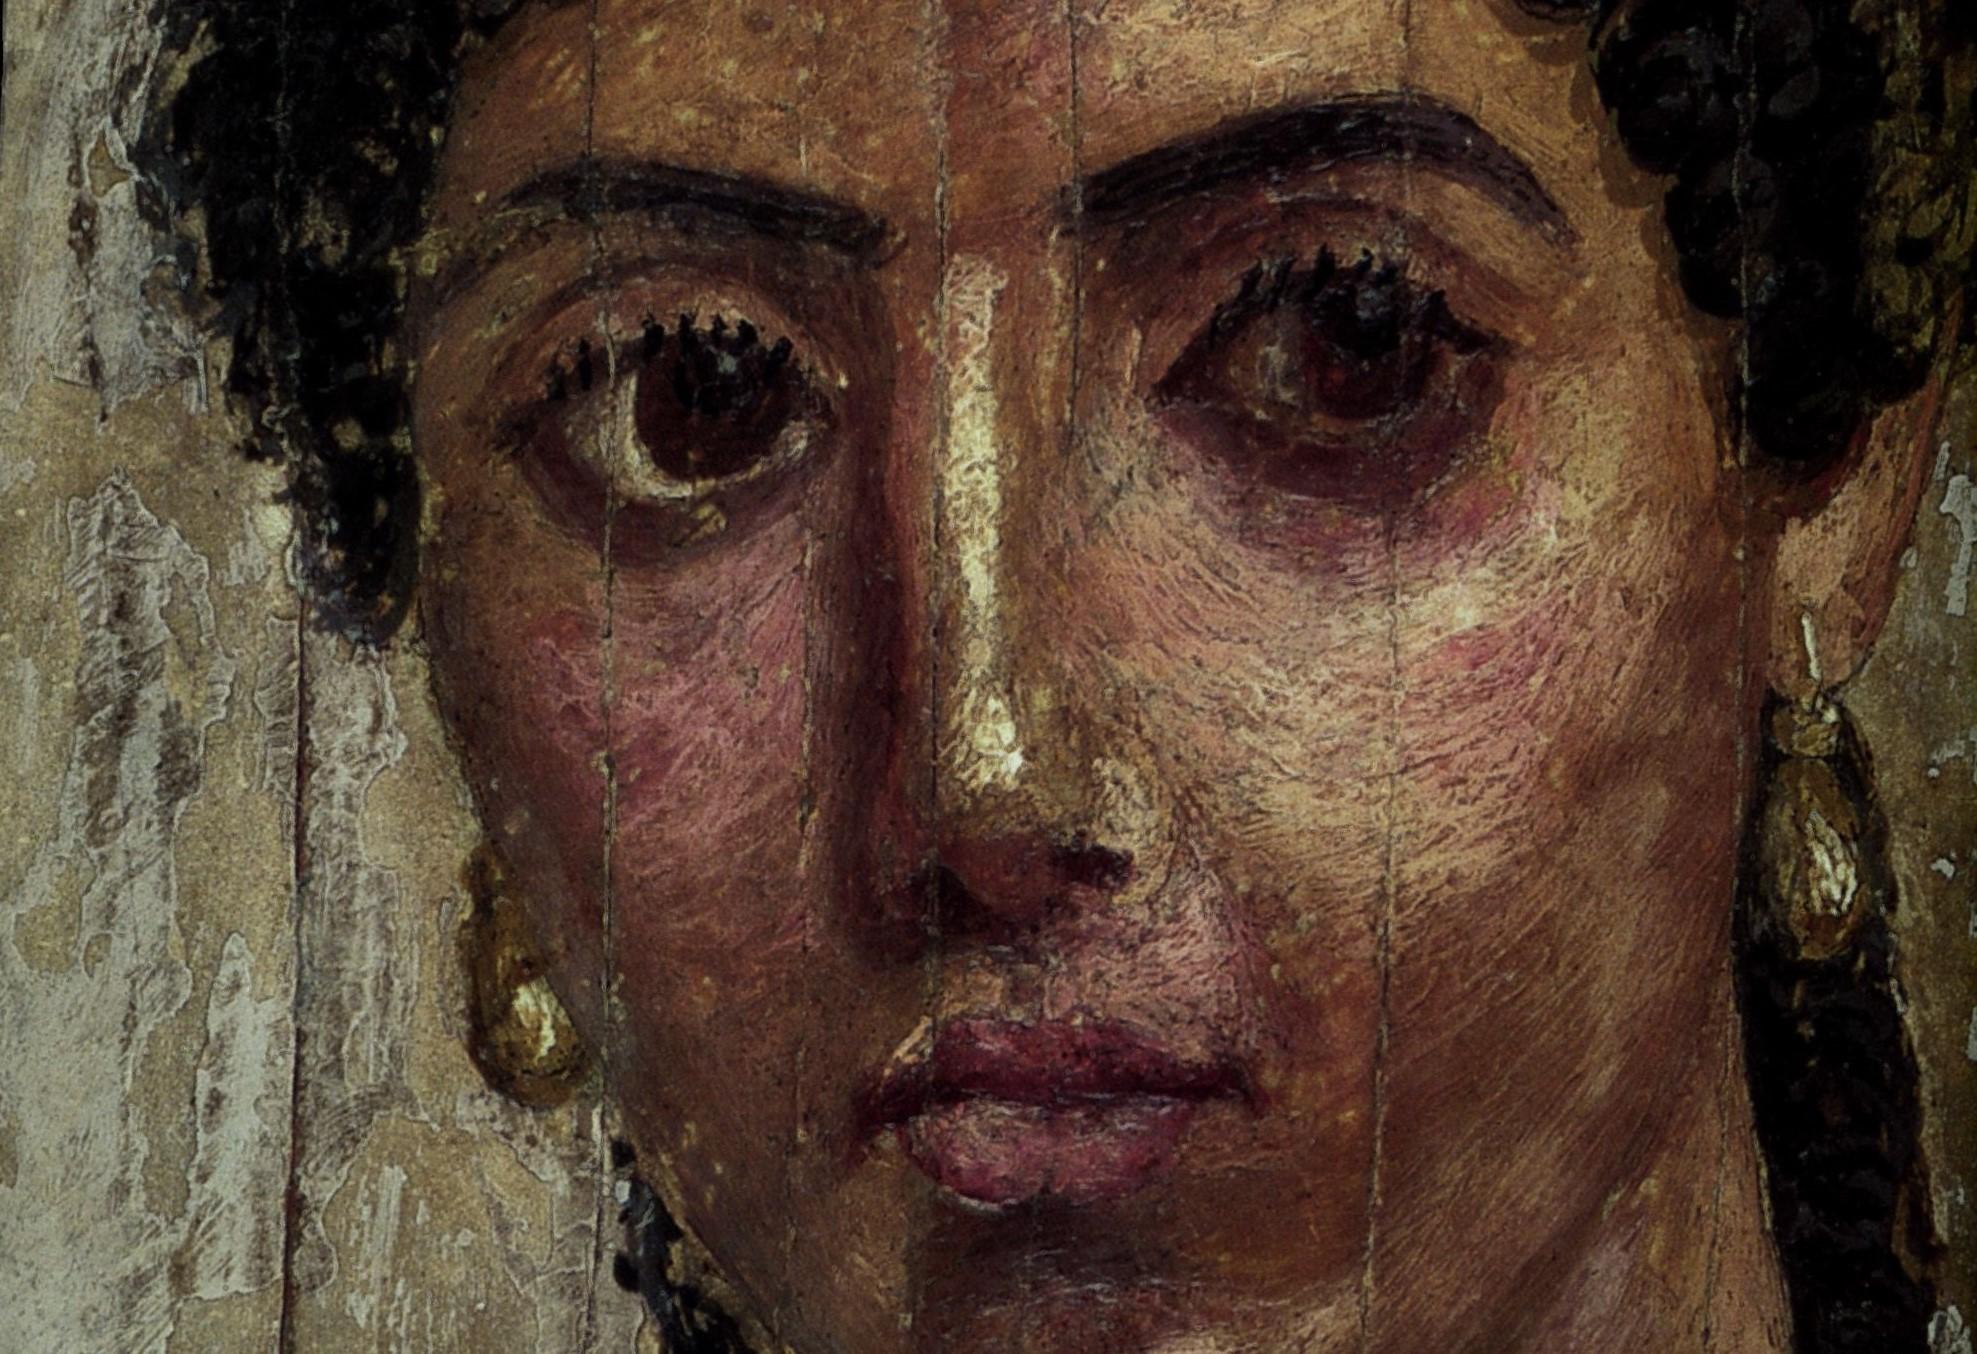 JEZEBEL; The Slay Queen